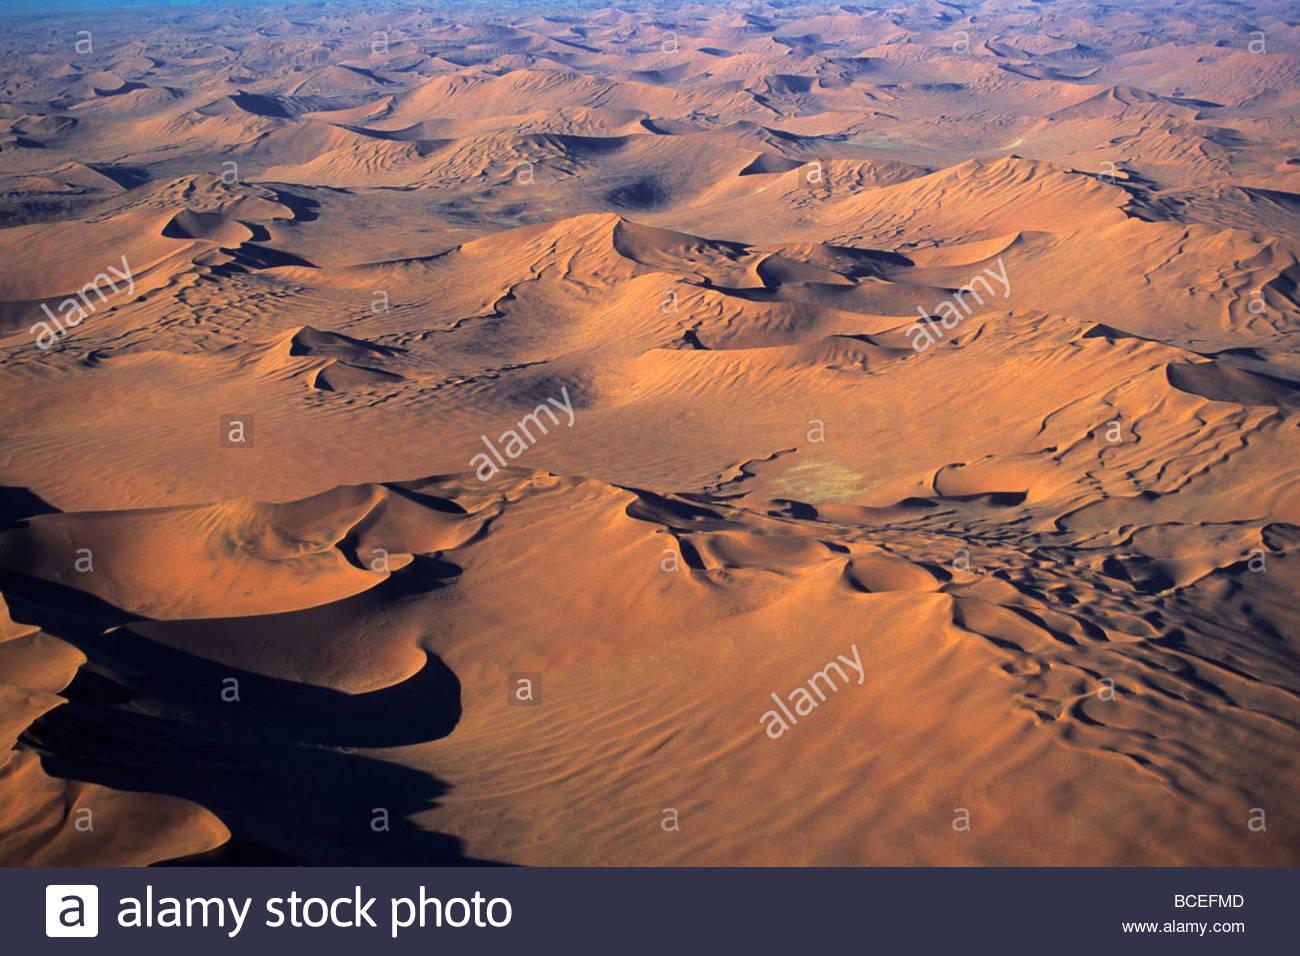 Uma vista aérea do deserto da Namíbia. Imagens de Stock